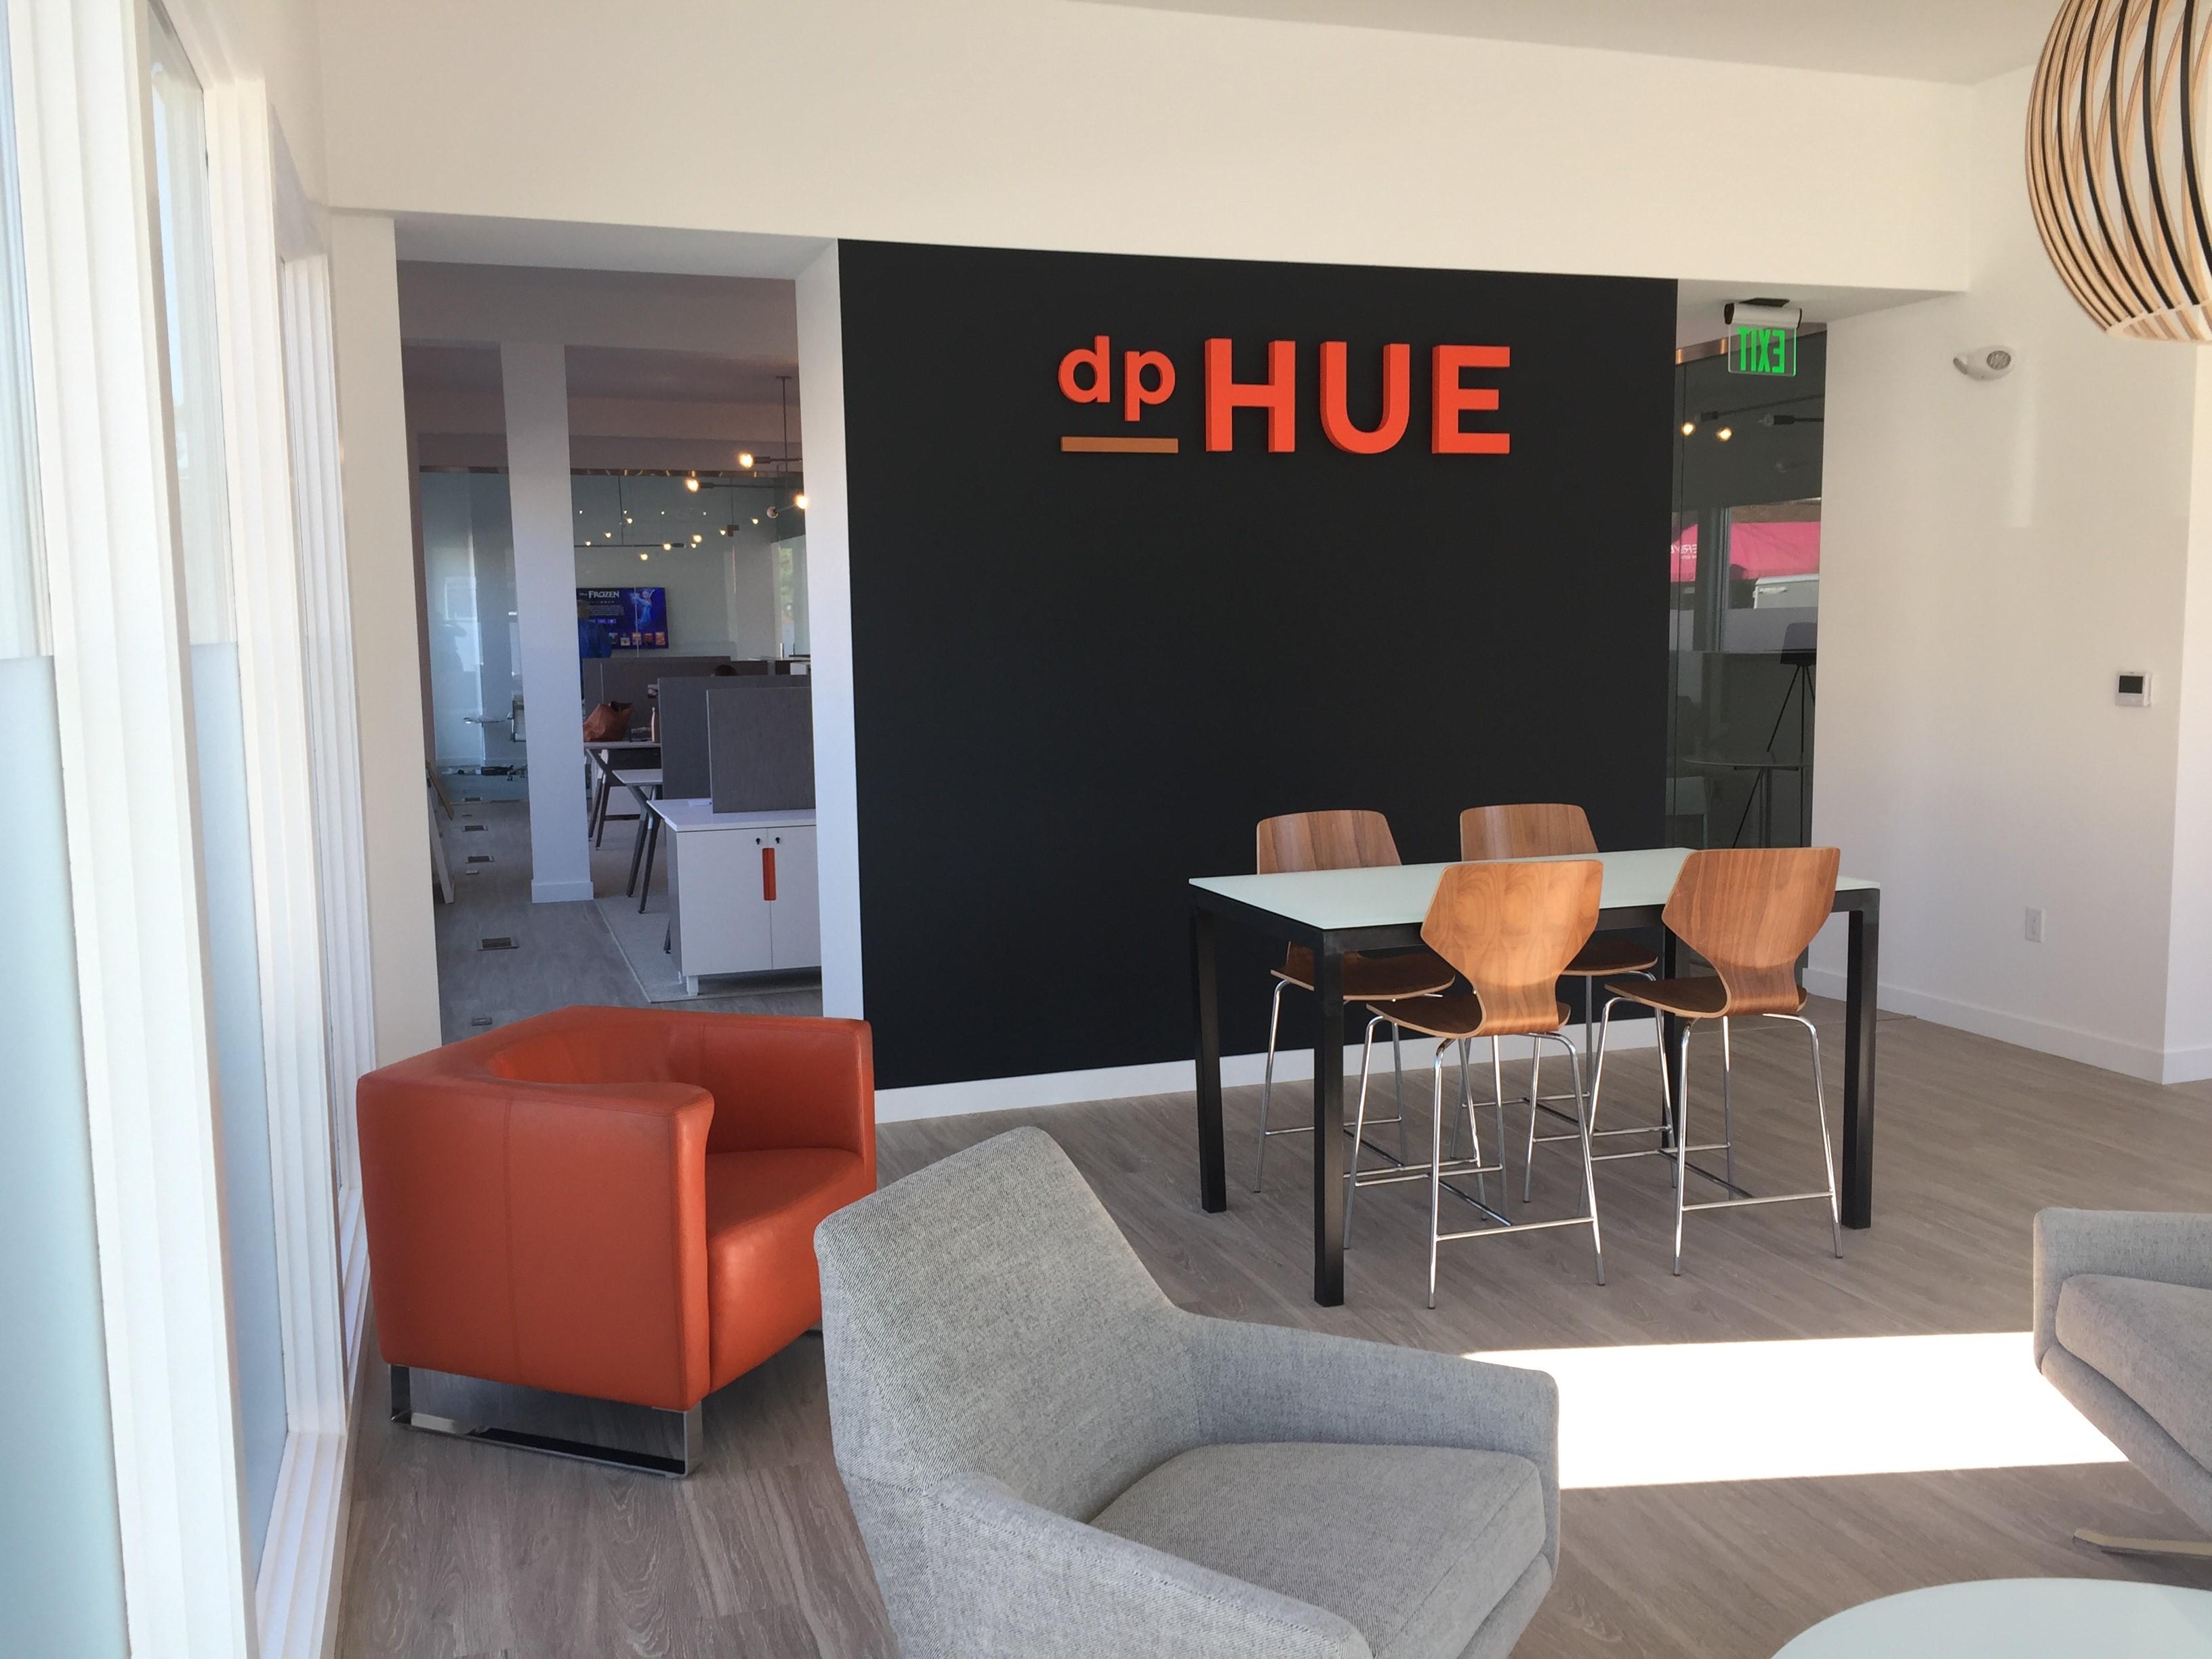 dp HUE